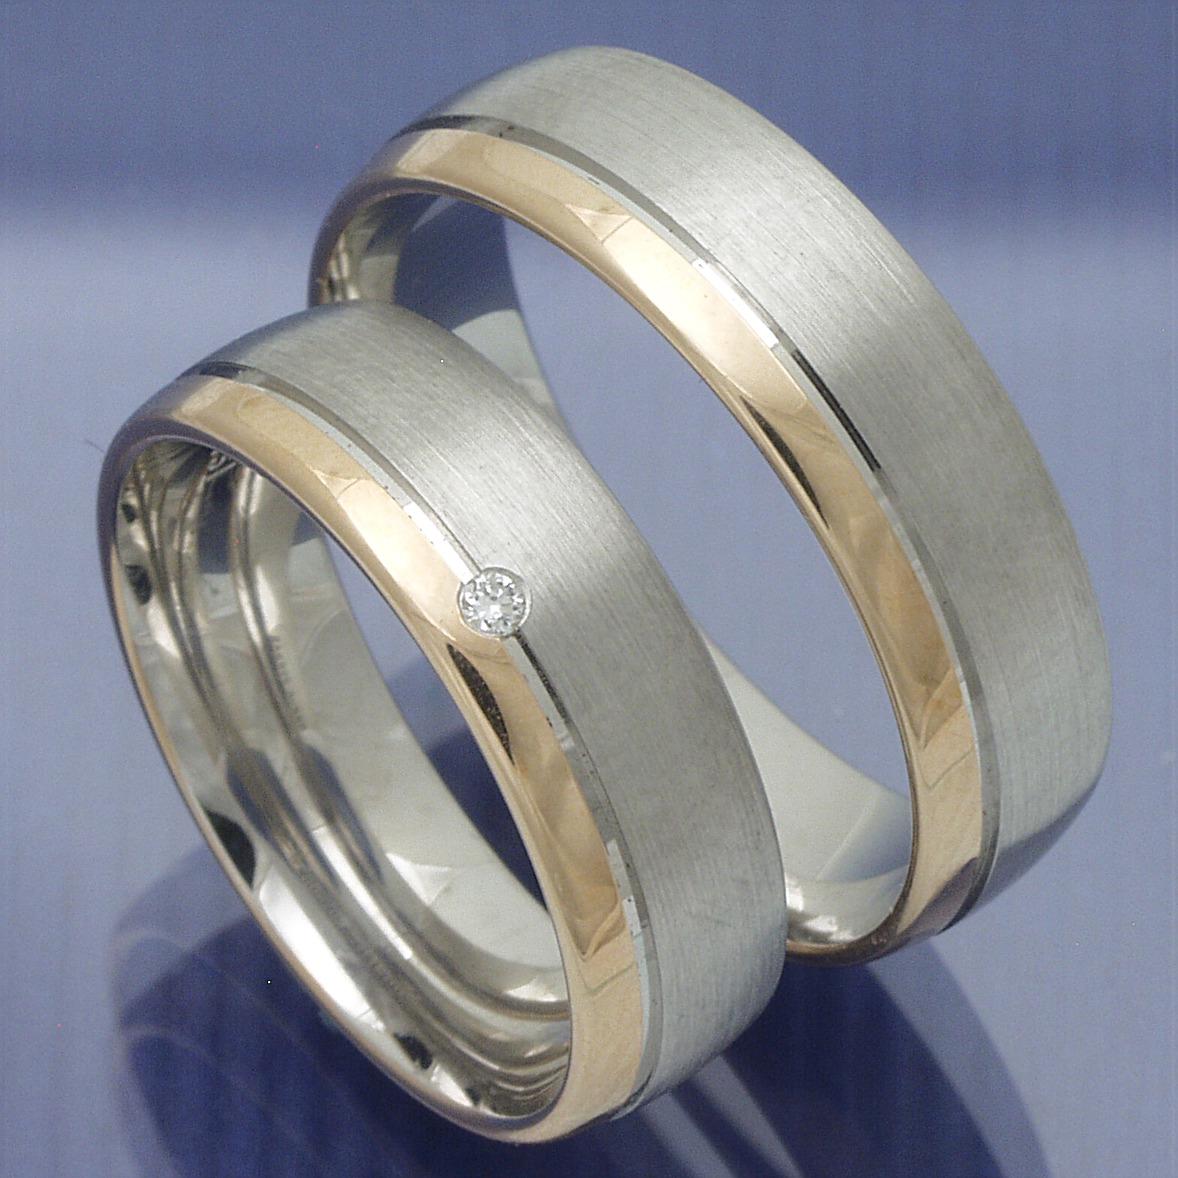 Verlobungsringe Silber | Eheringe Shop Trauringe Verlobungsringe Silber Rotgold Marlon